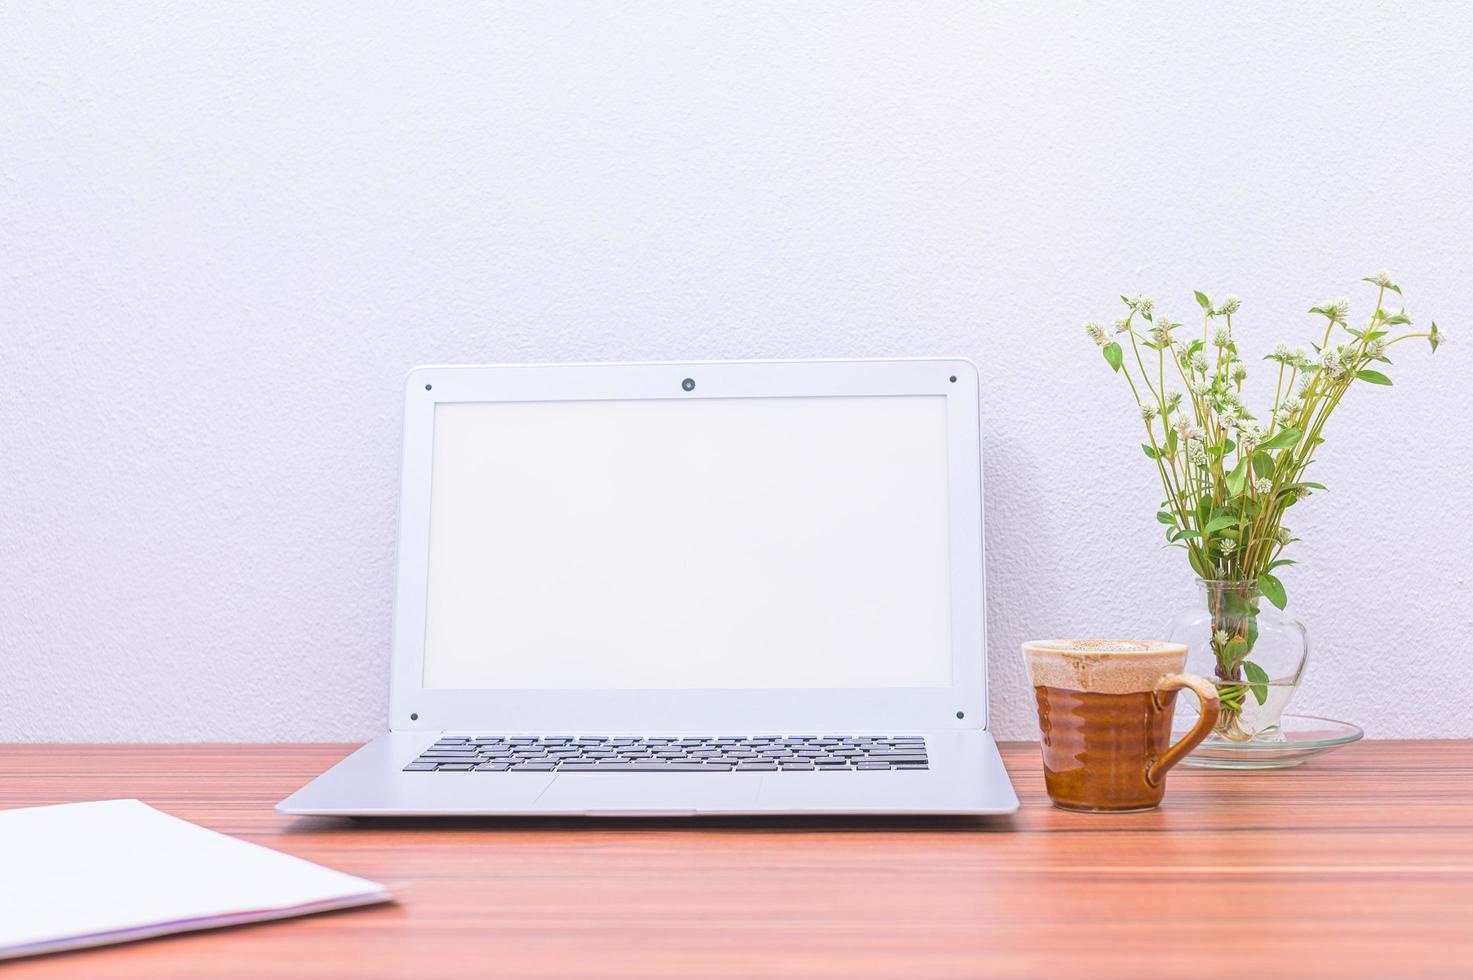 computadora portátil, taza y flor en el escritorio foto